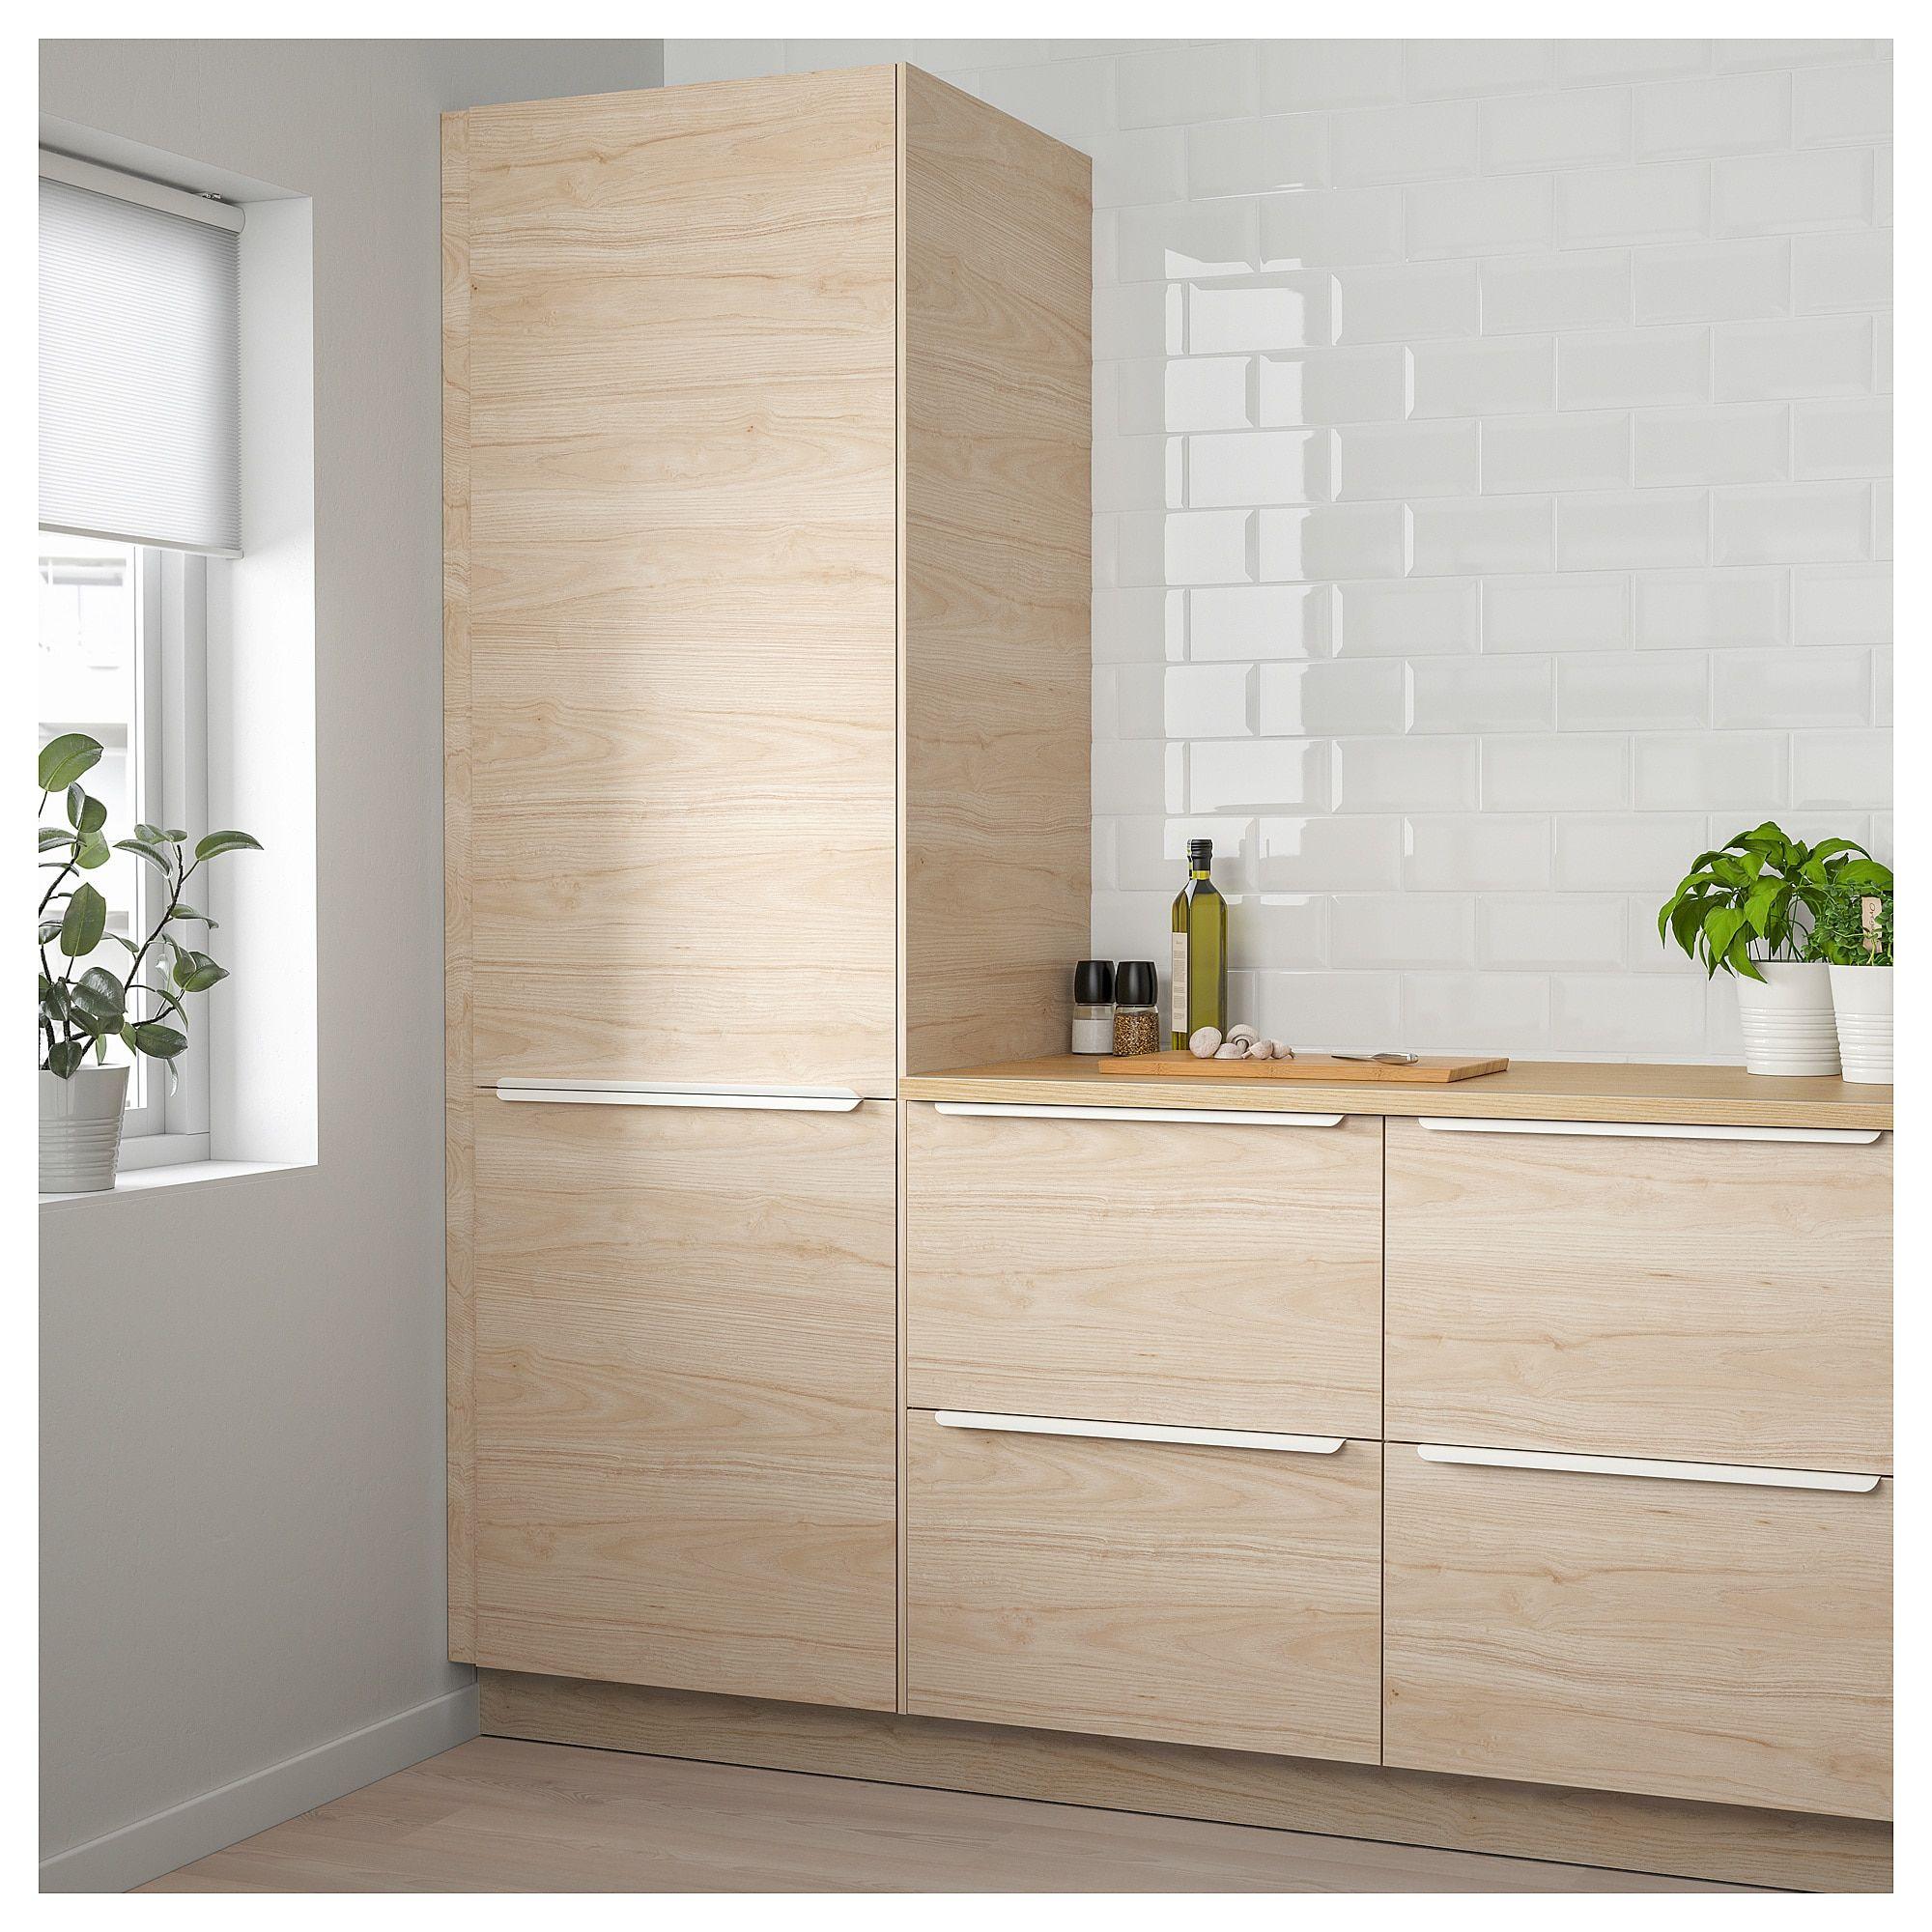 Redo Kitchen Cabinet Doors: IKEA - ASKERSUND Door Light Ash Effect In 2019